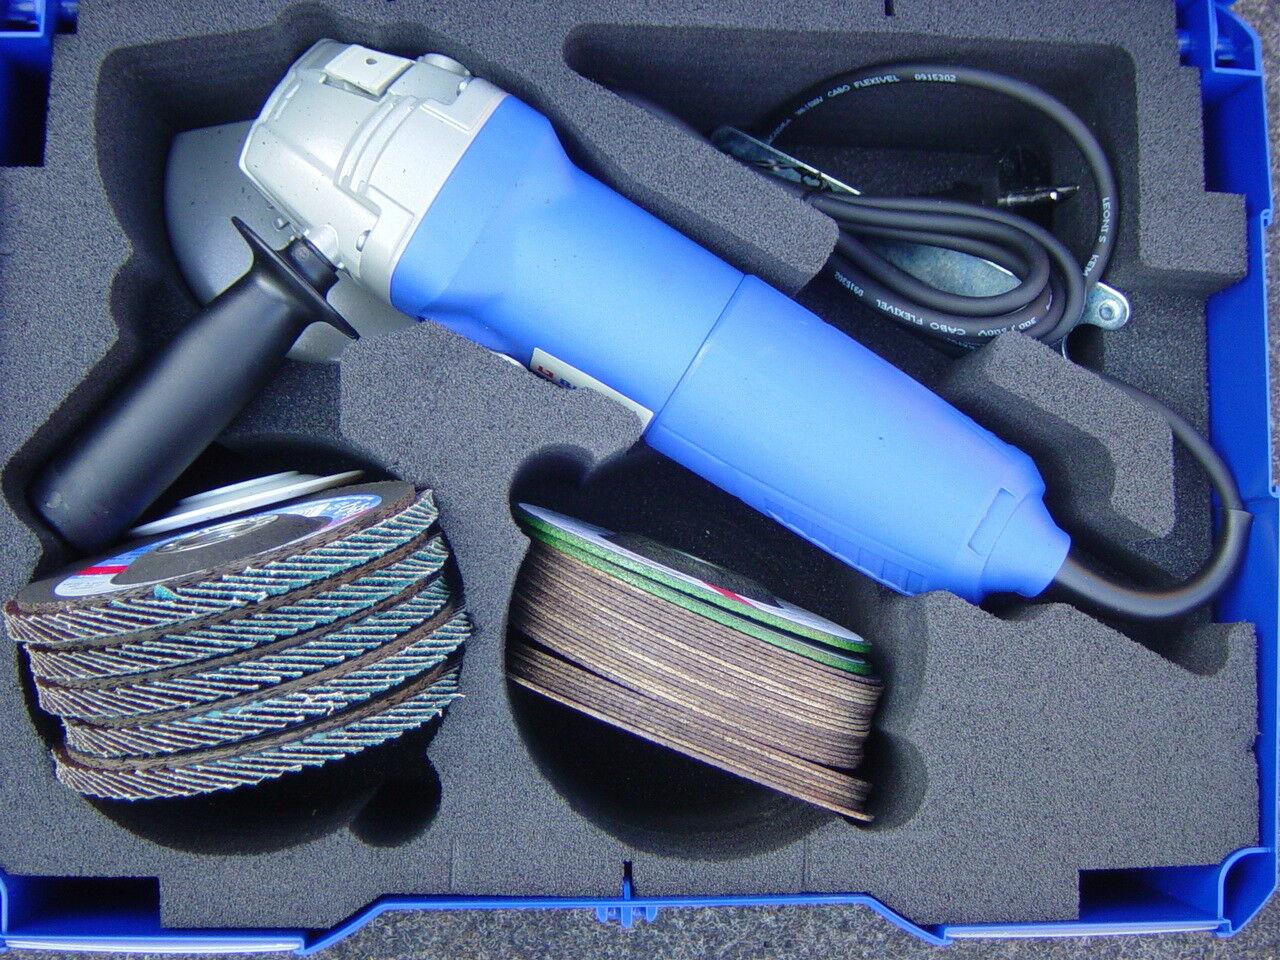 Winkelschleifer mit Koffer+Scheiben BAG-125-2, 900 W, 11500 umd 125 mm,  217708